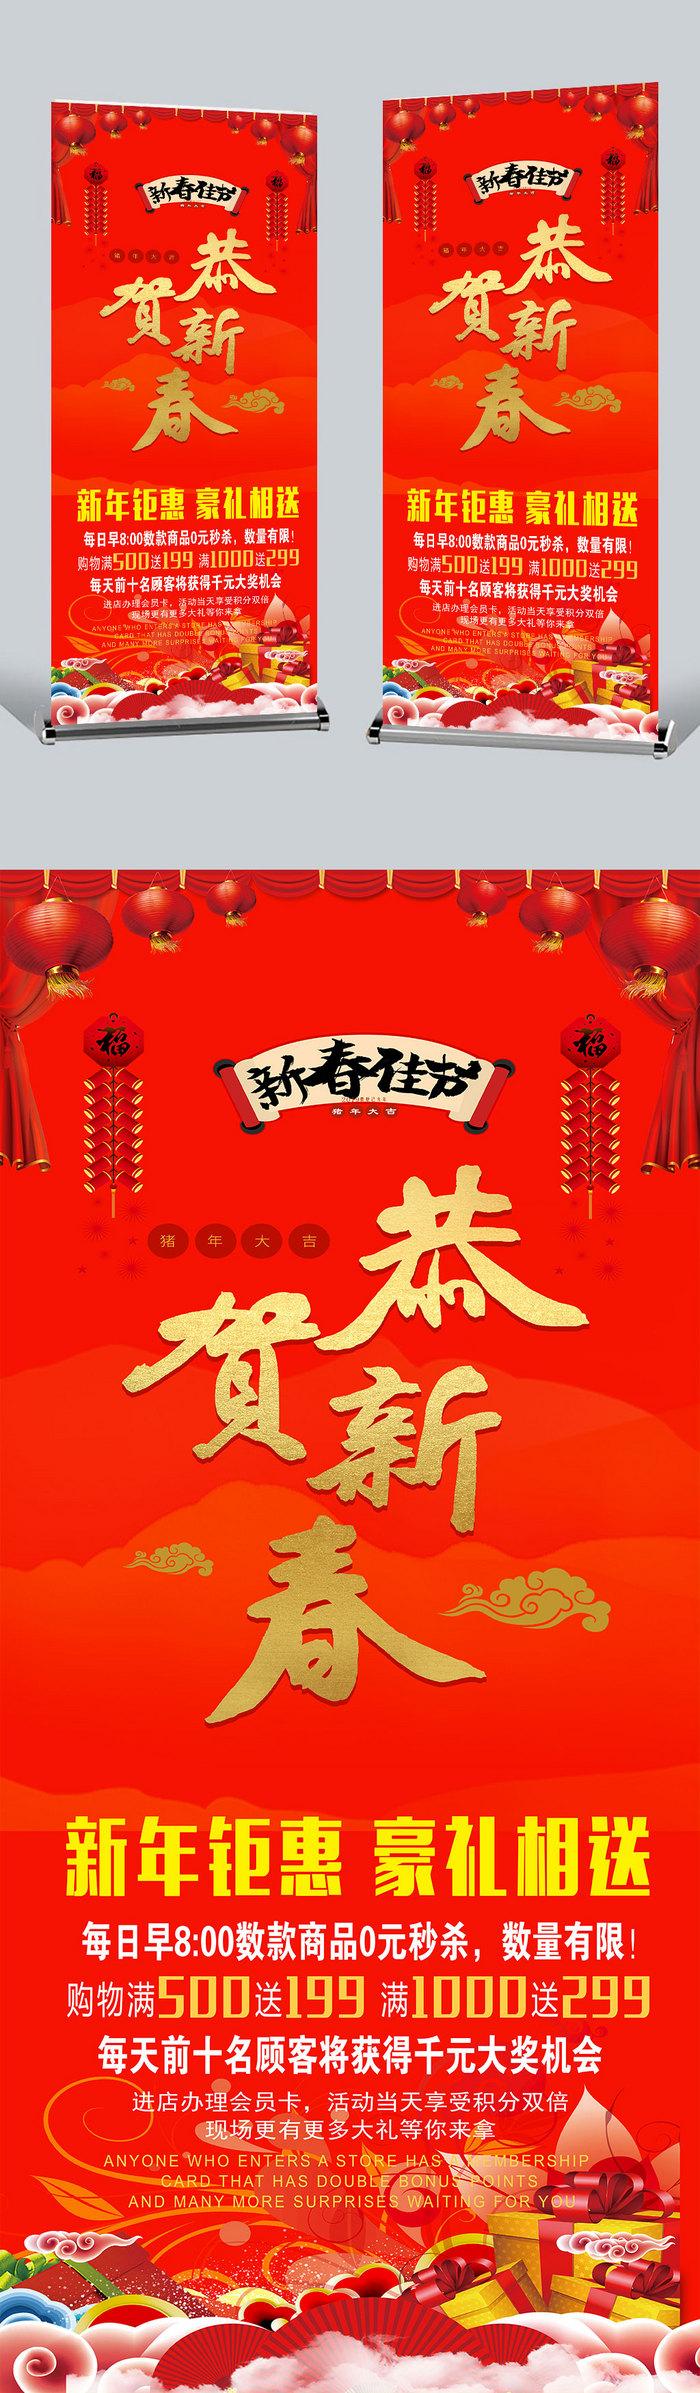 中國風紅色喜慶新春促銷展架設計